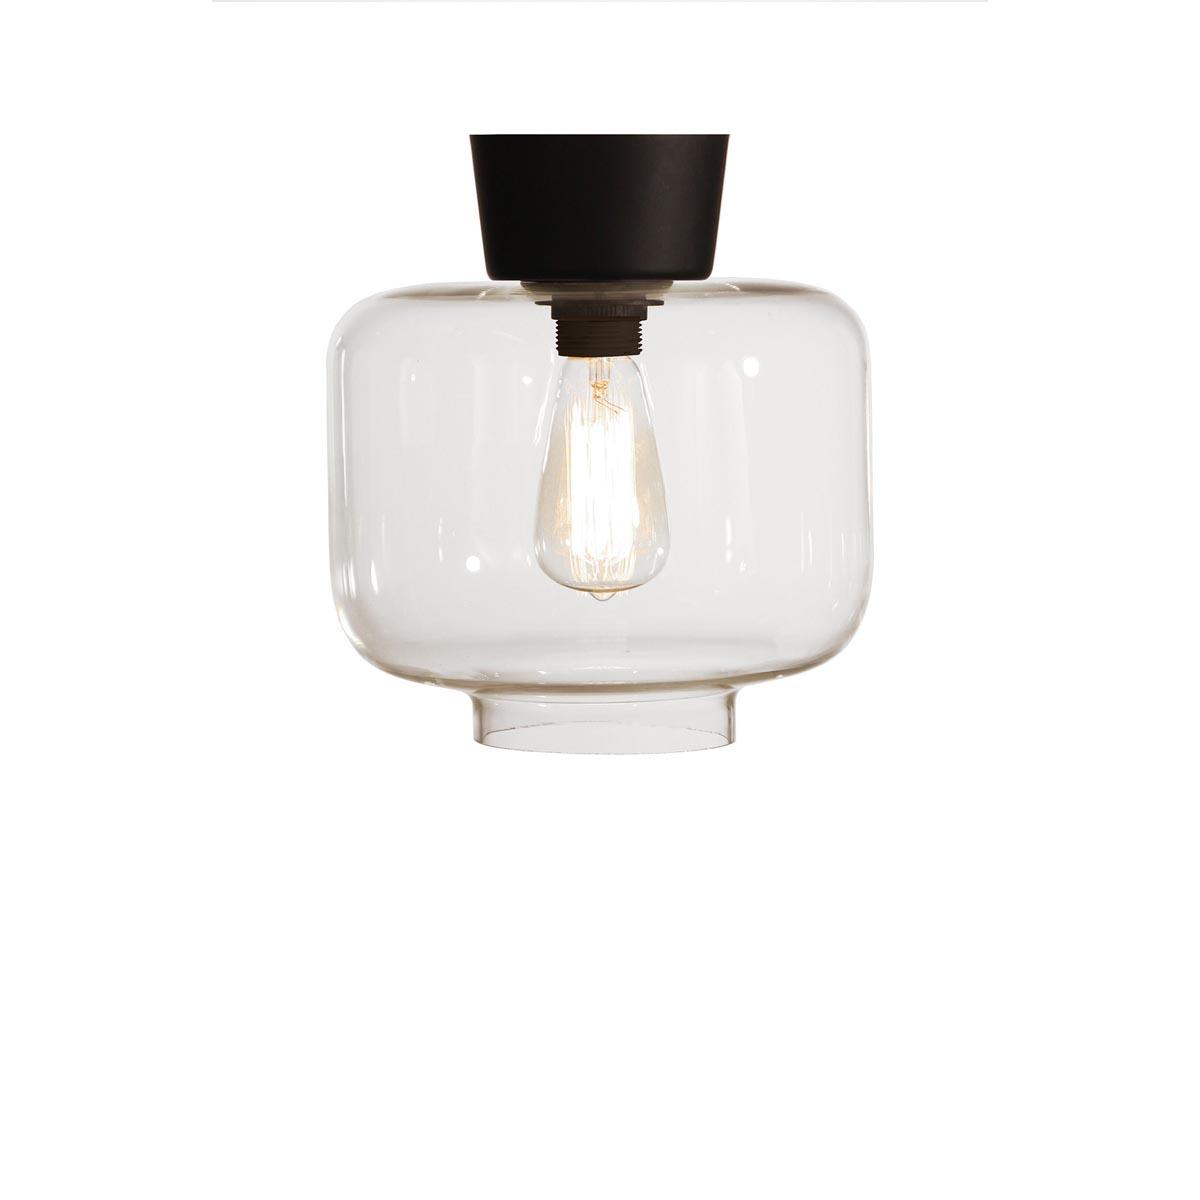 Ritz-plafond-klar-svart-663555